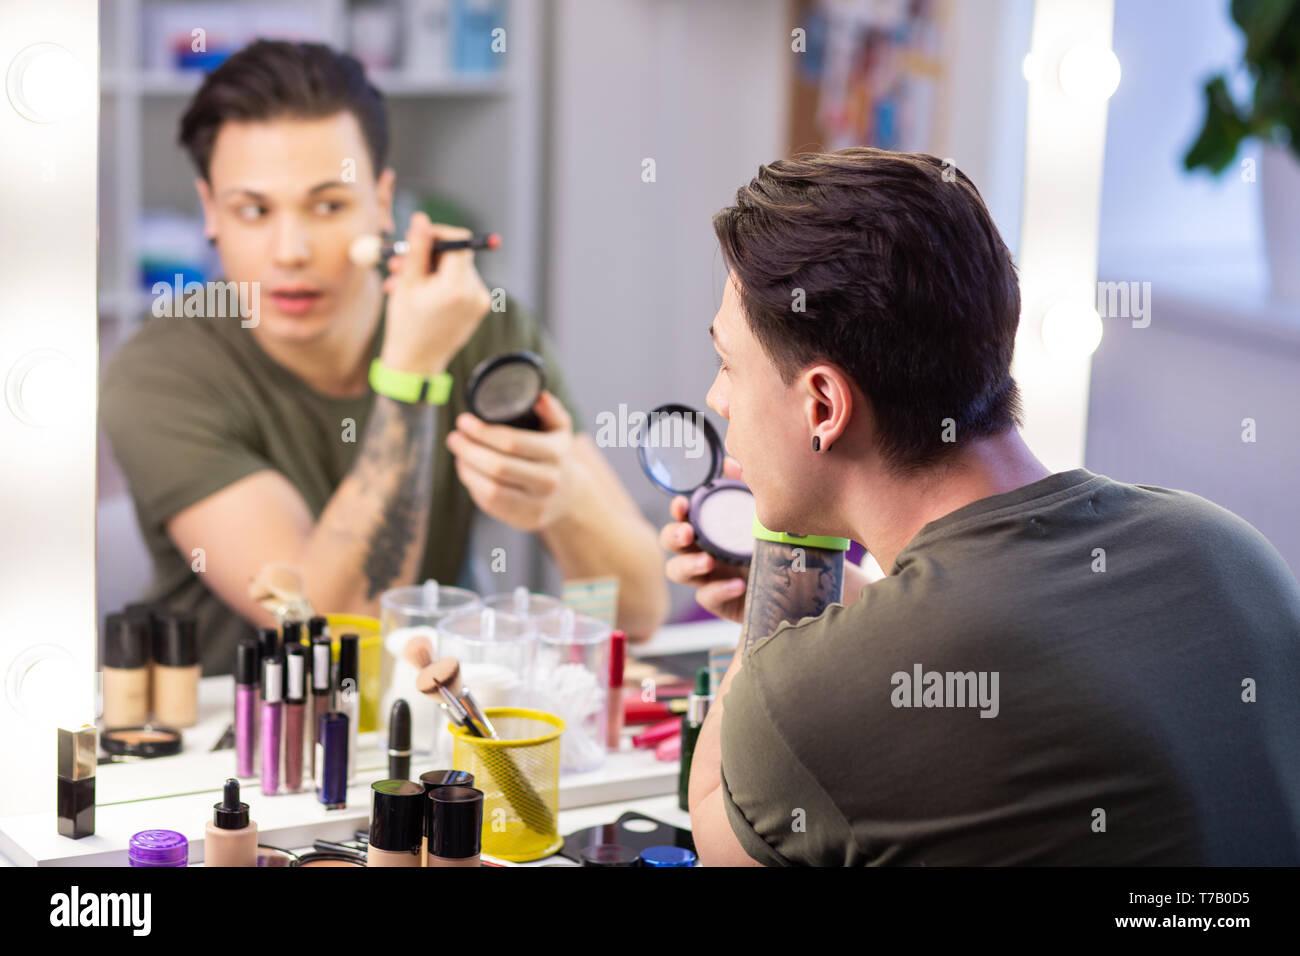 Curioso guapo arreglándose delante del espejo Foto de stock